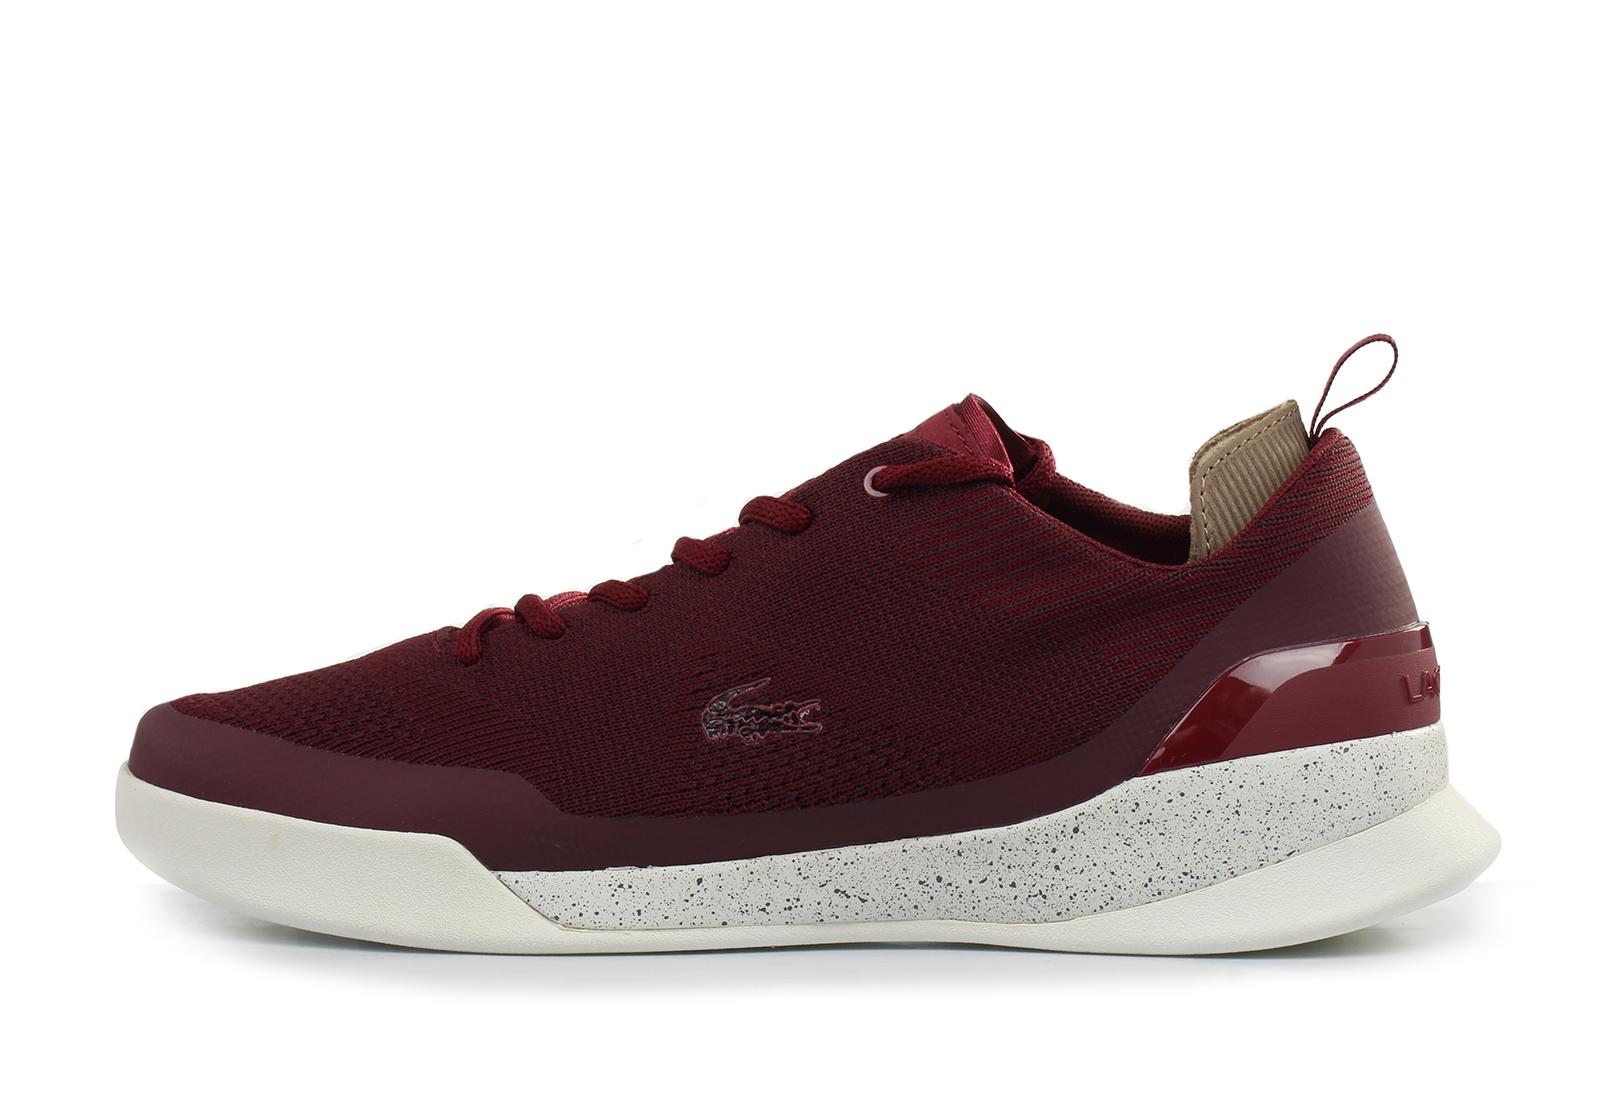 Lacoste Cipő - Lt Dual Elite - 181spm0023-2p8 - Office Shoes ... ba048dbbde